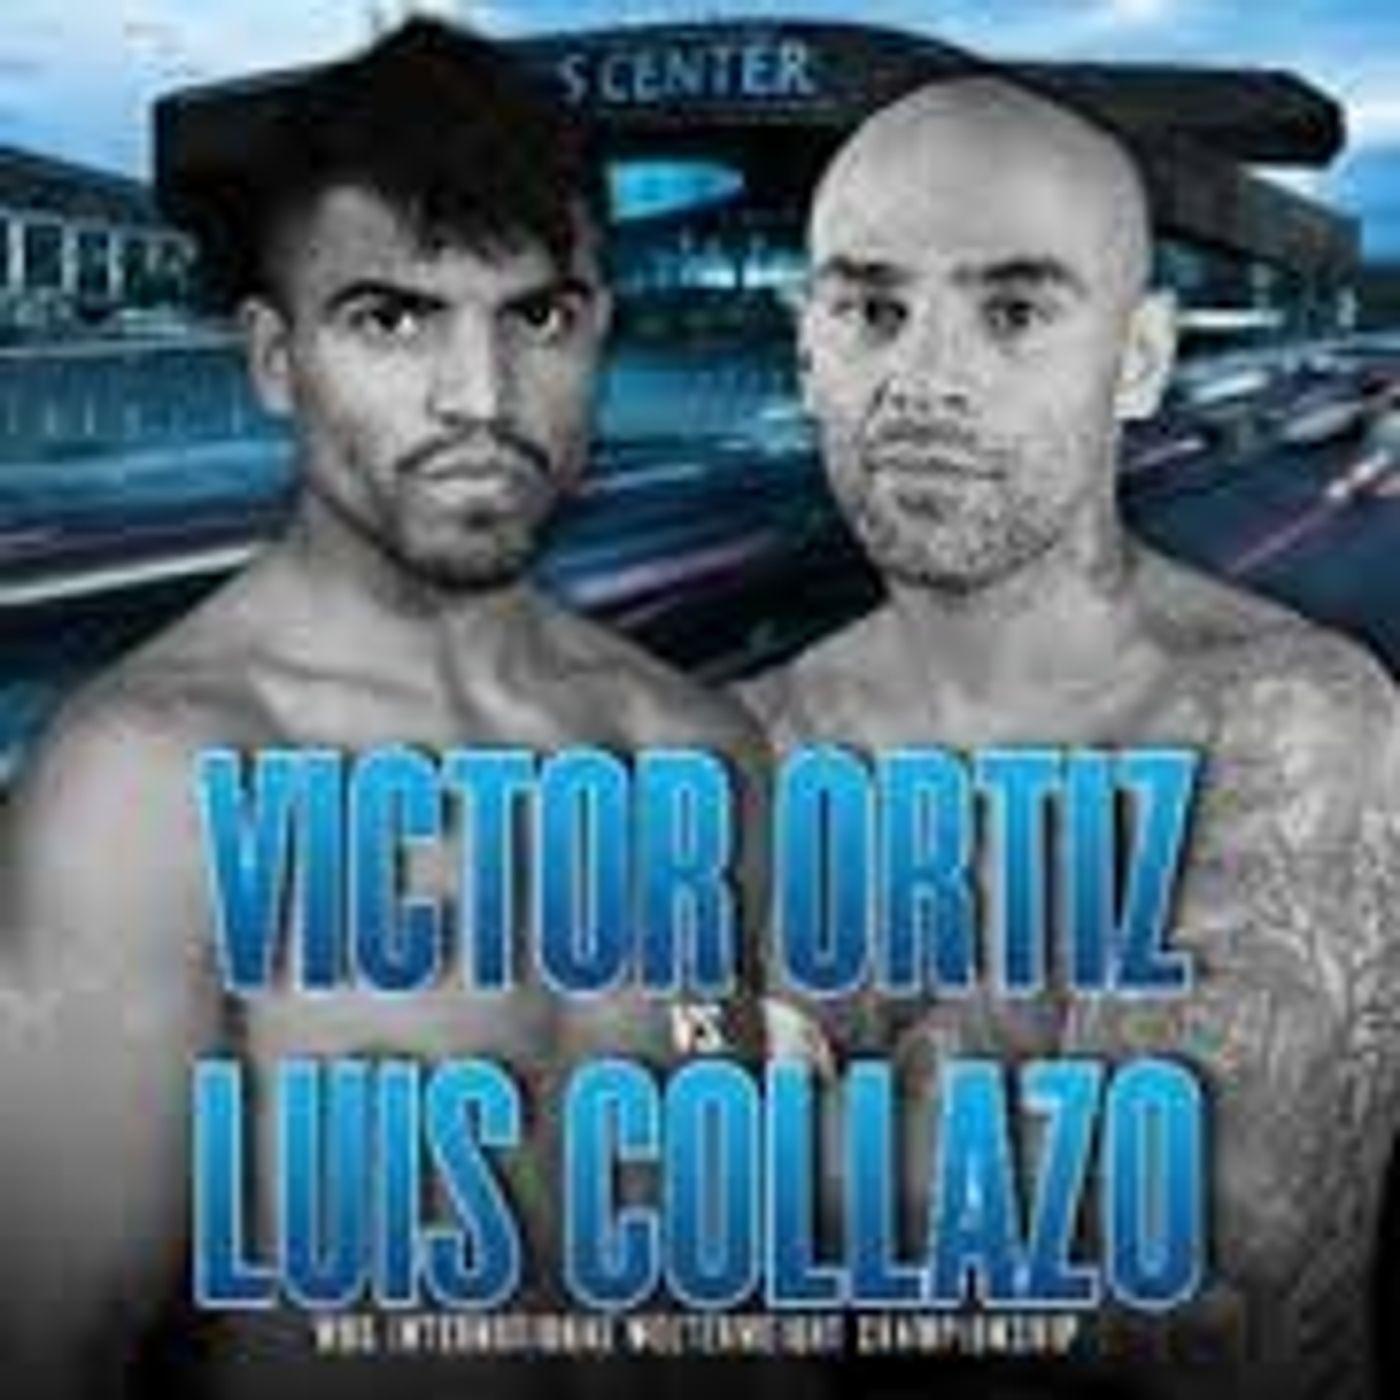 Victor Ortiz vs Luis Collazo - #9